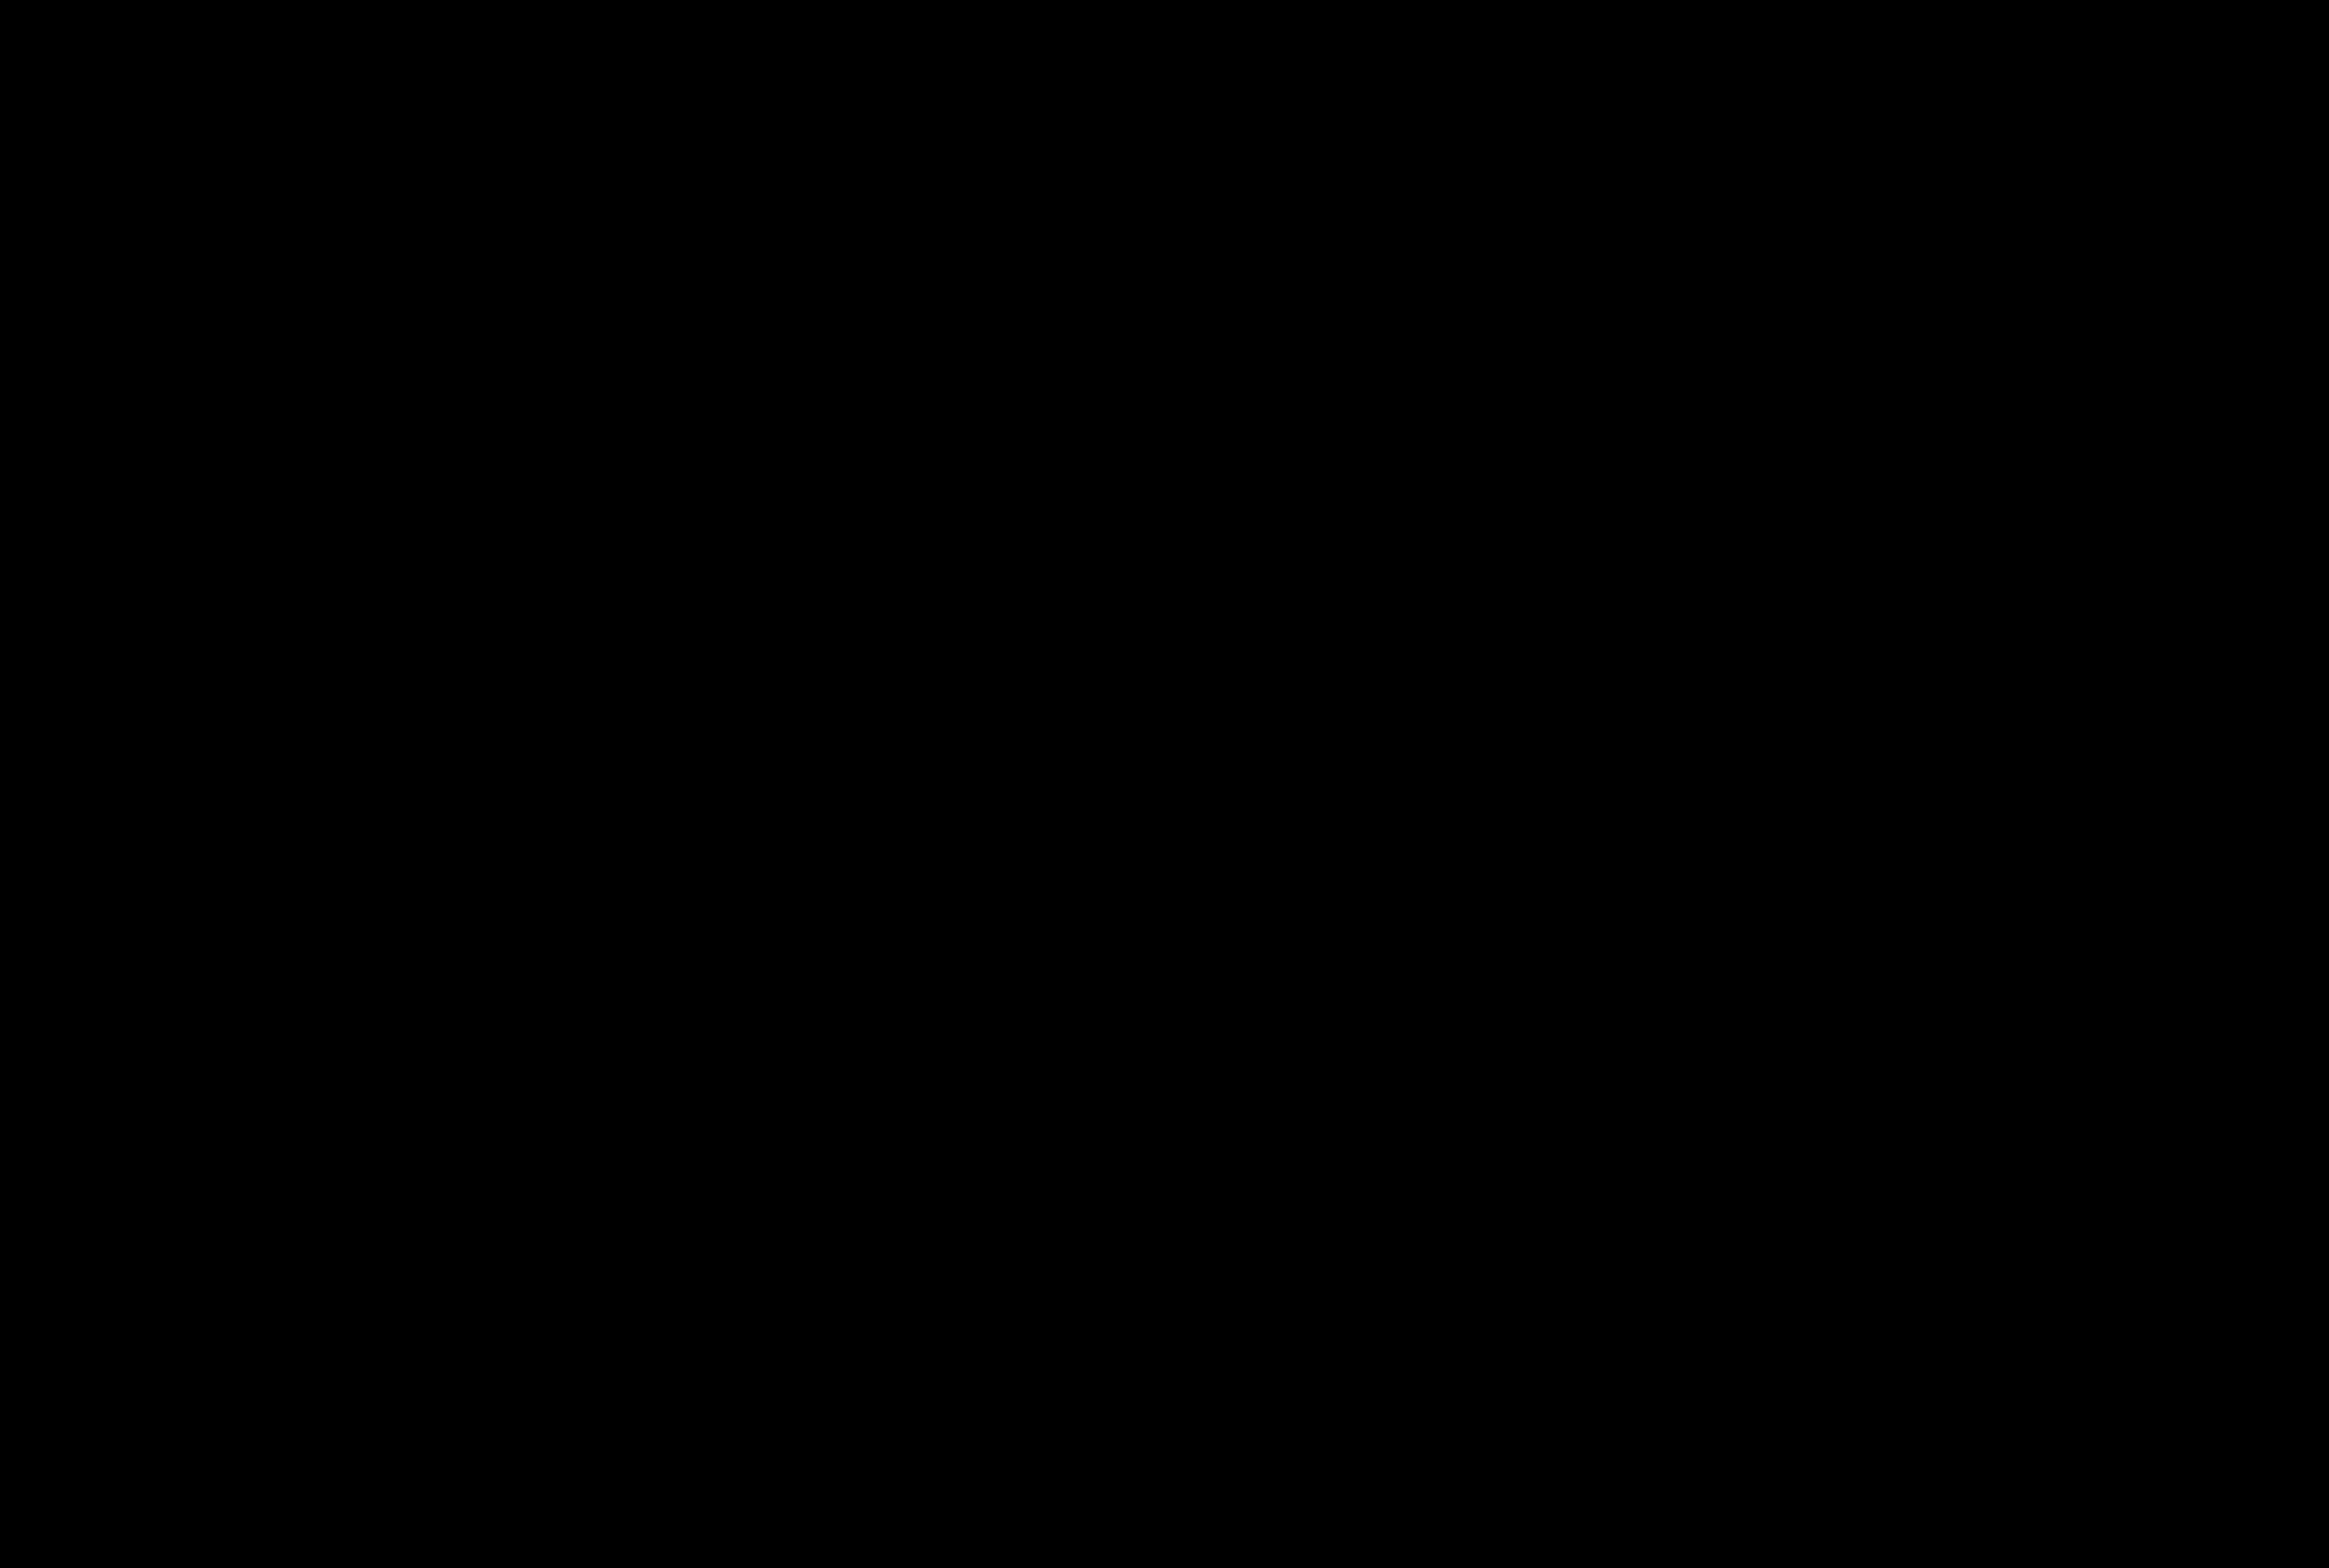 Amanda Hoffner